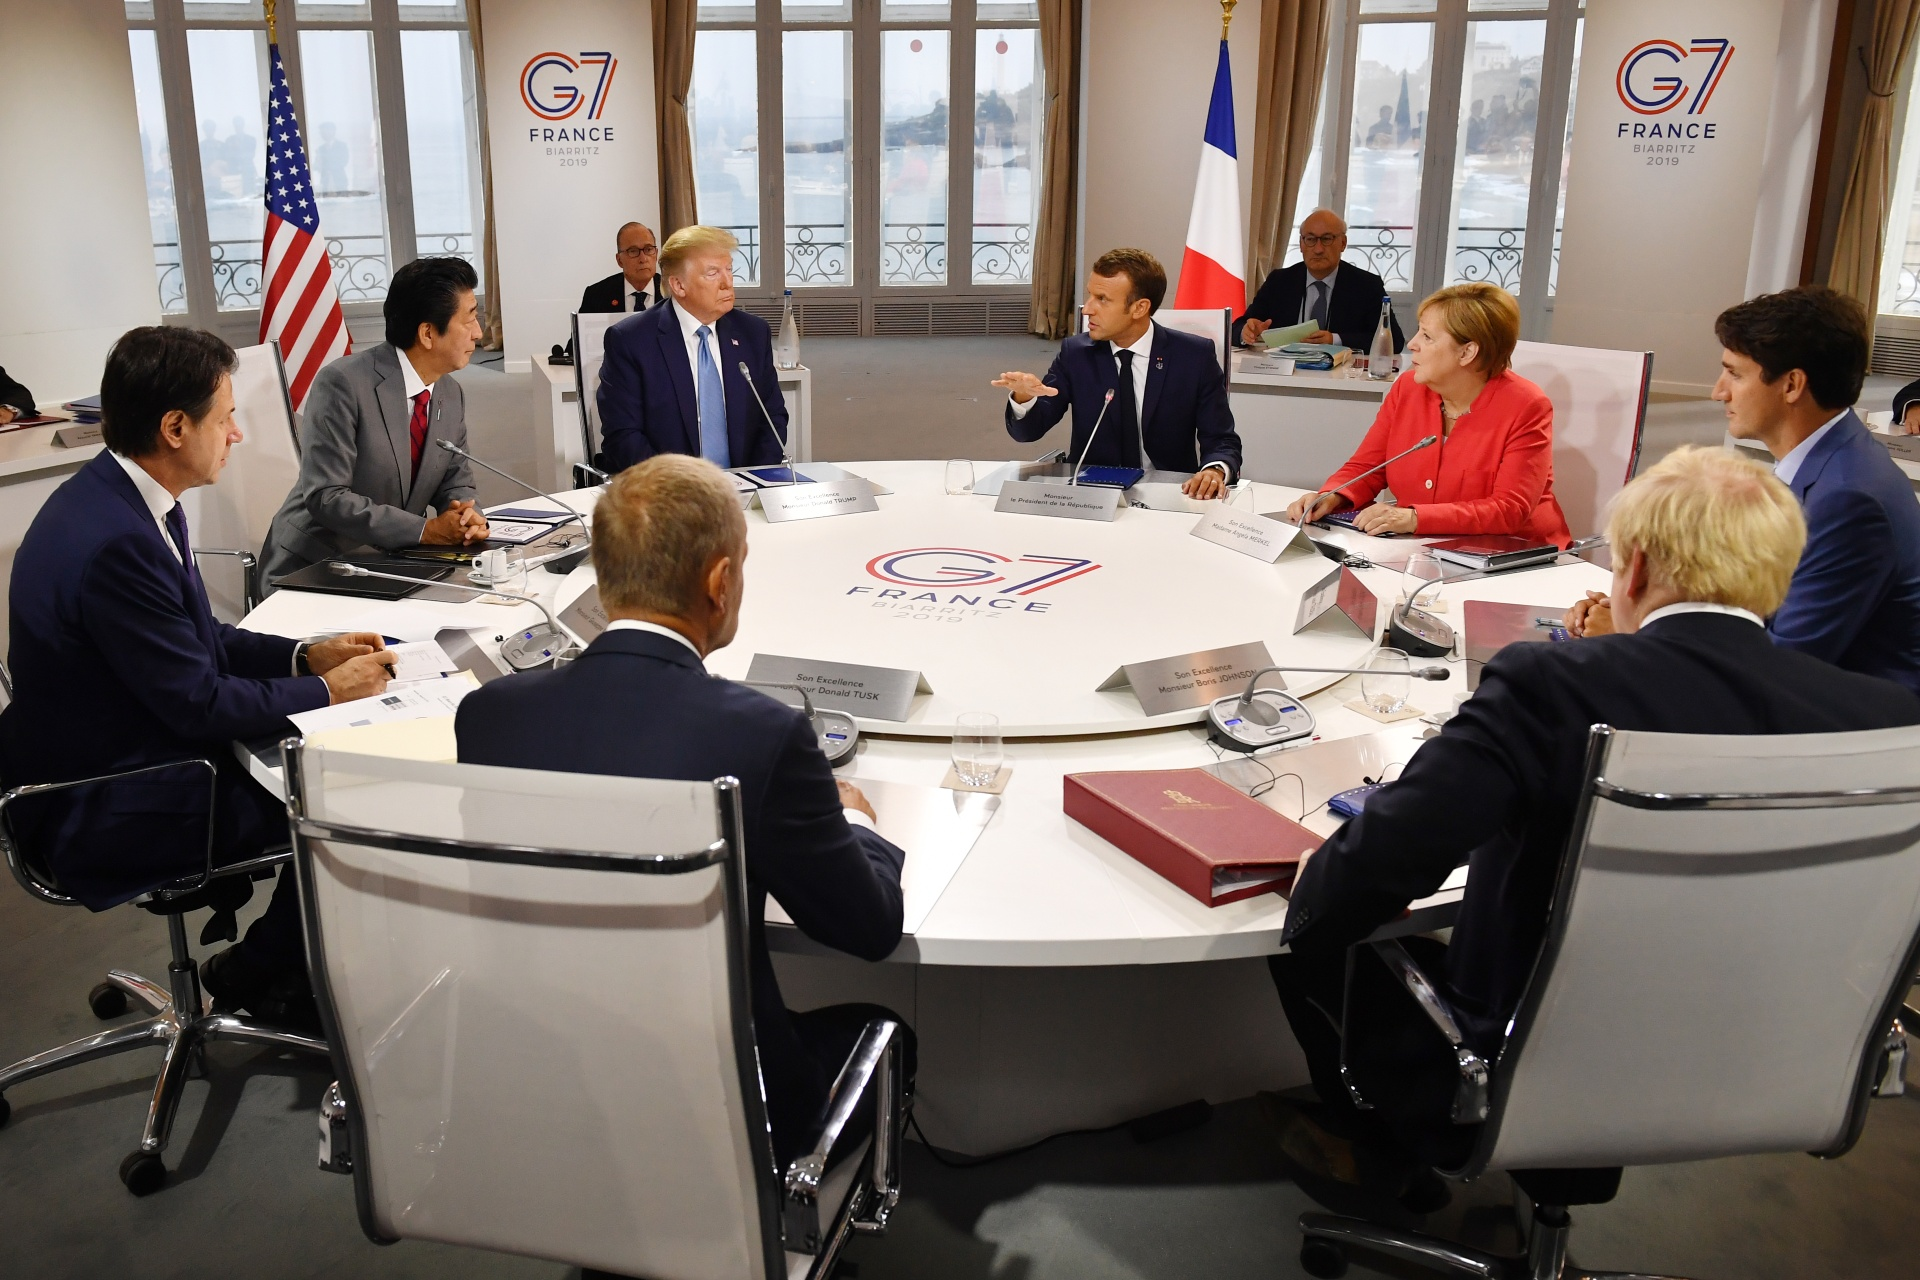 Reunião do G7 em Biarritz, na França, em 2019